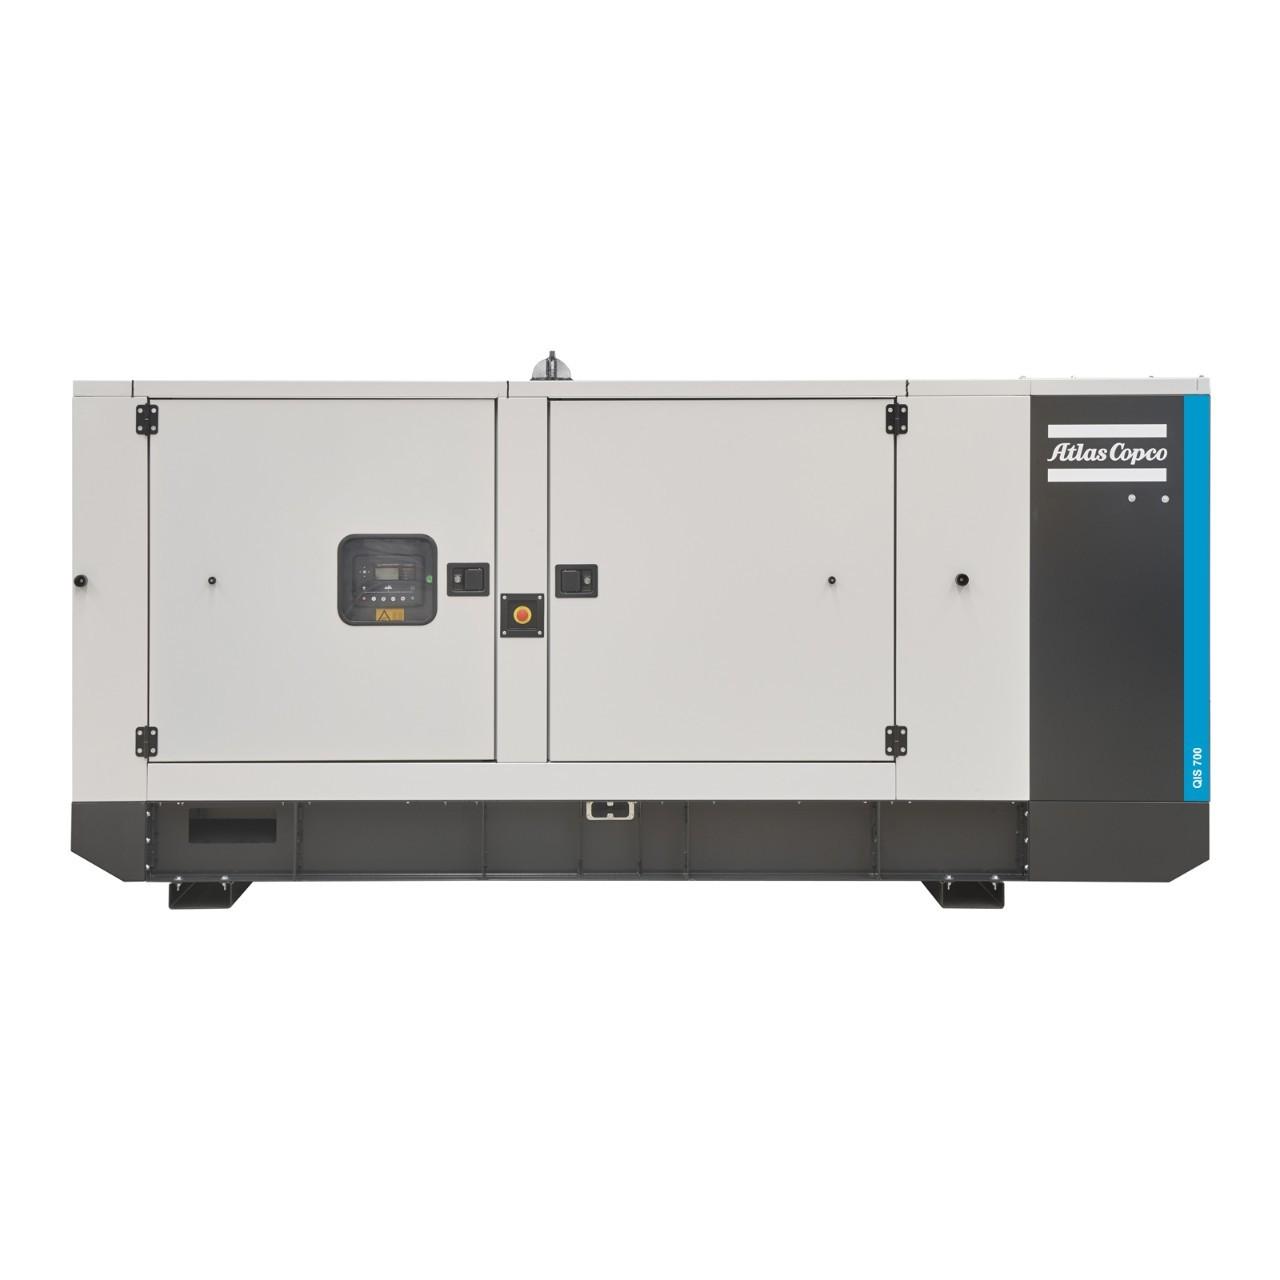 Дизельный генератор Atlas Copco QIS 700 с АВР